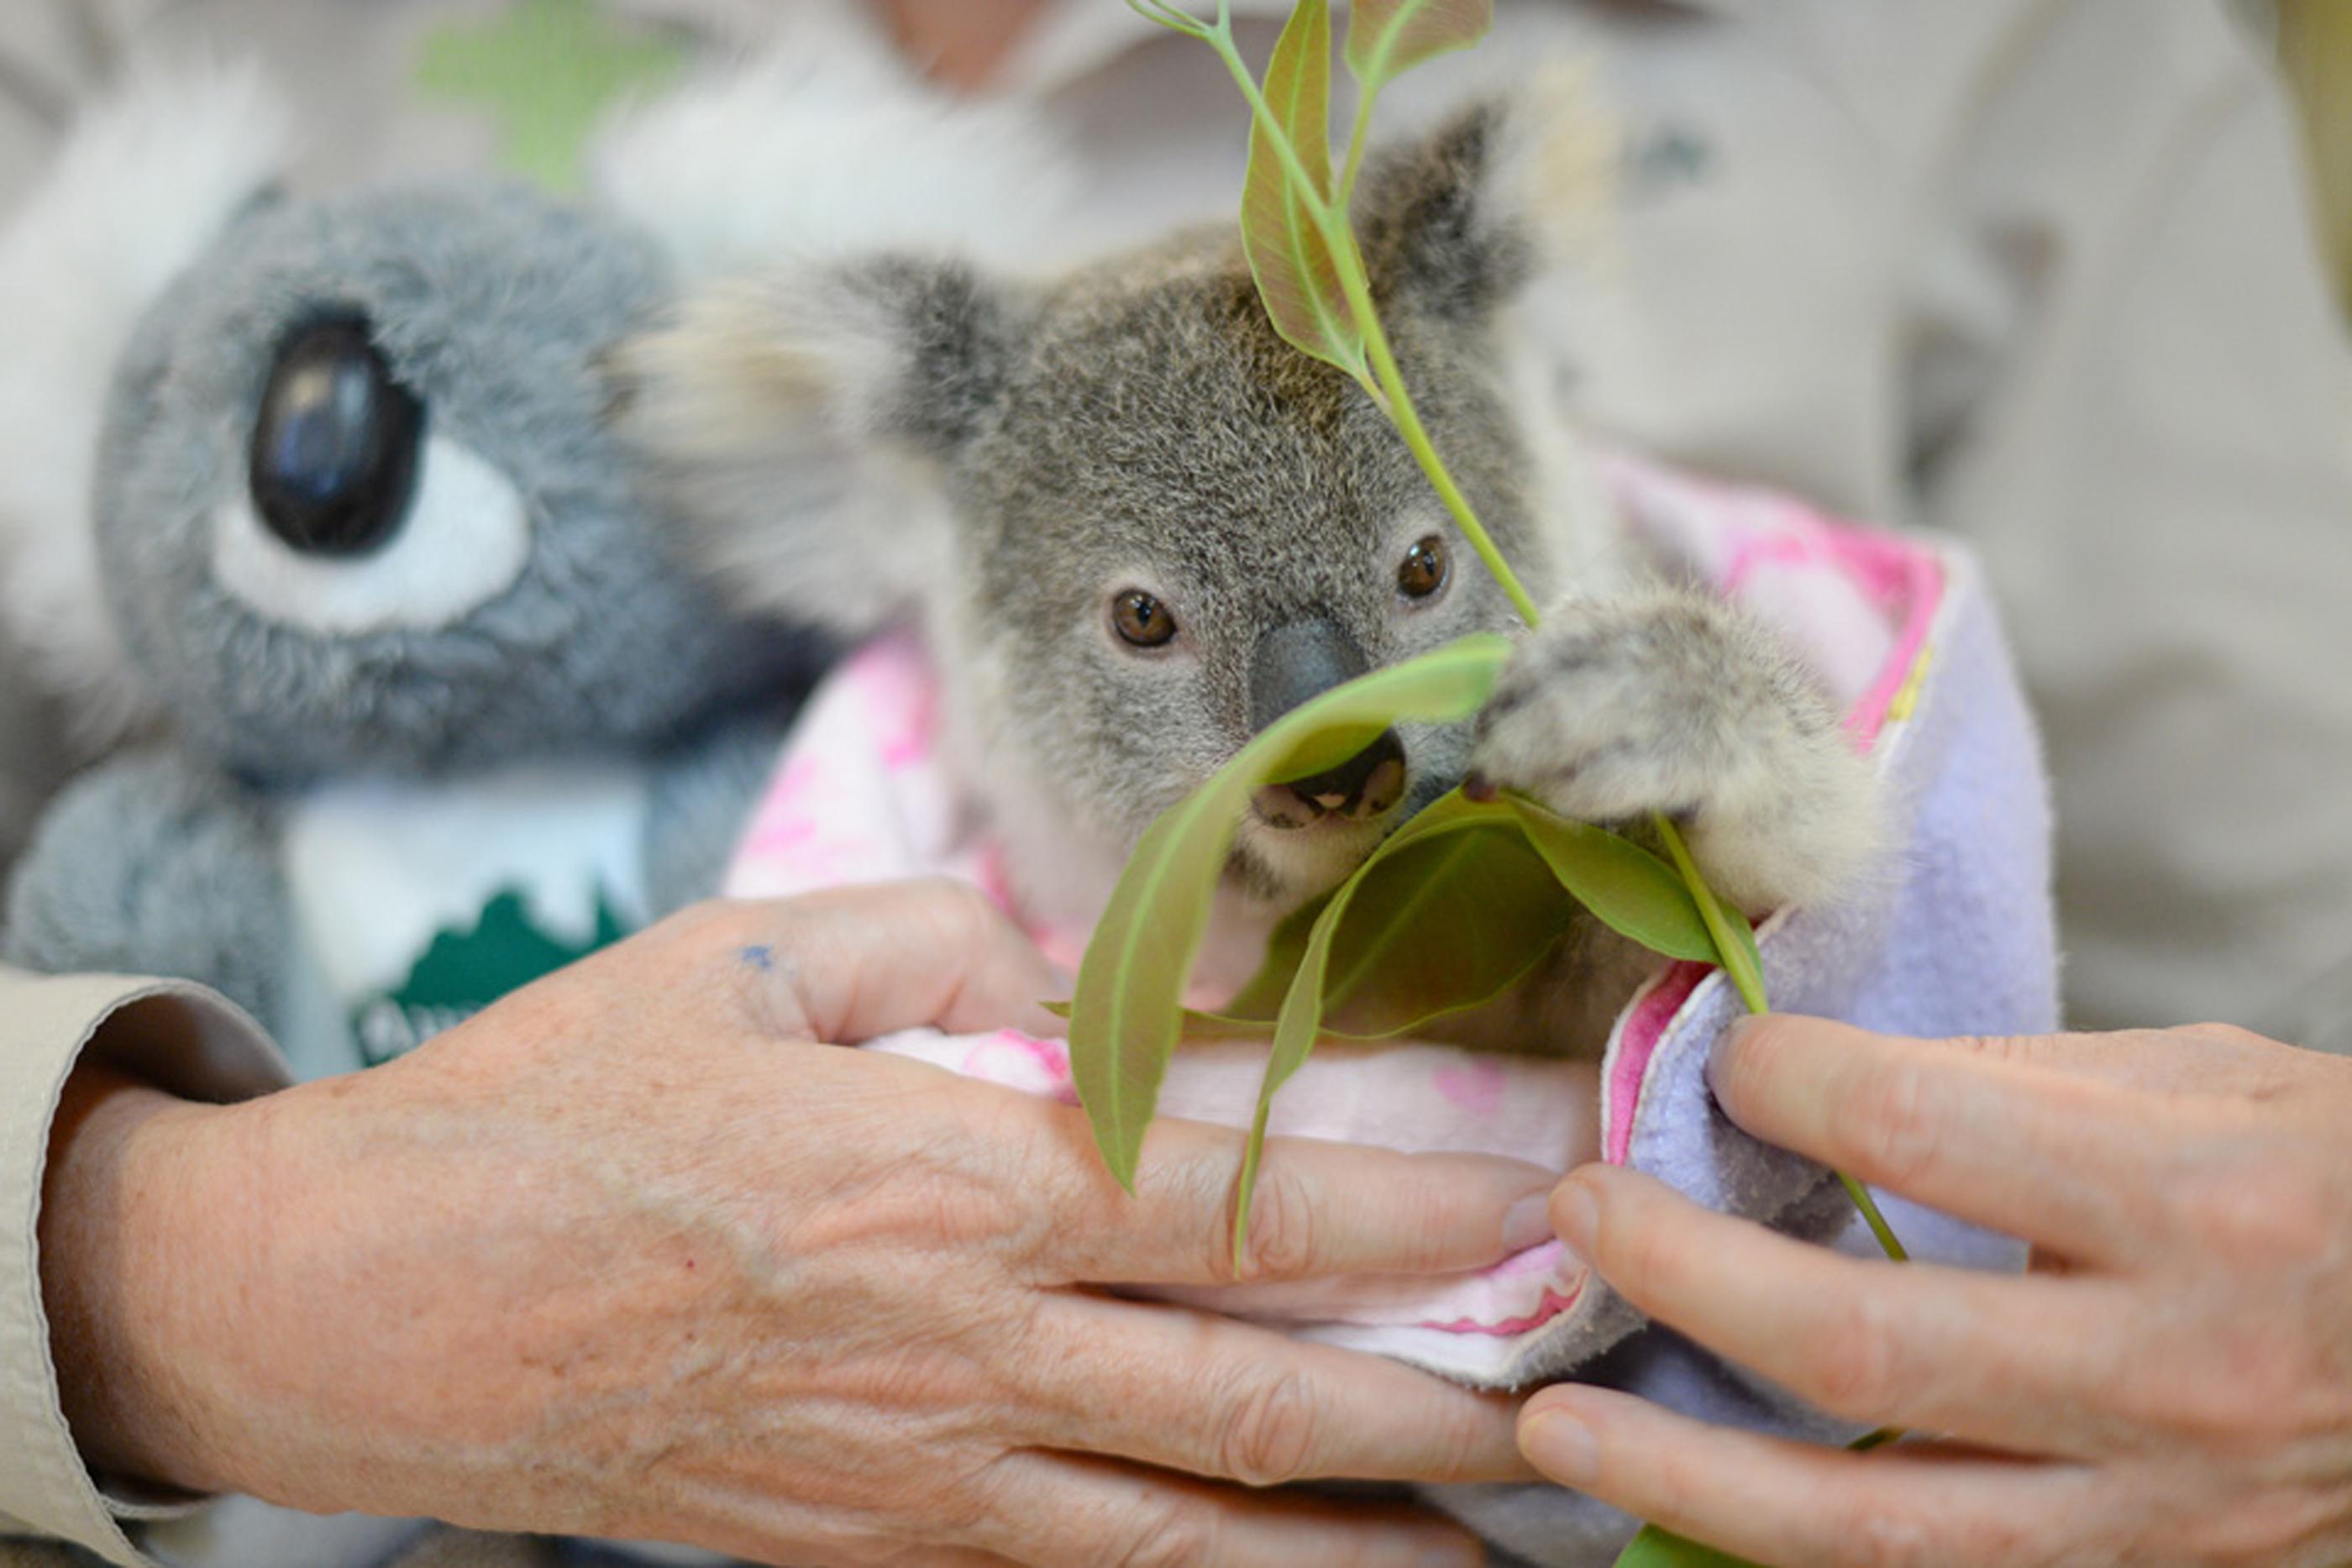 AFP / AUSTRALIA ZOO / BEN BEADEN